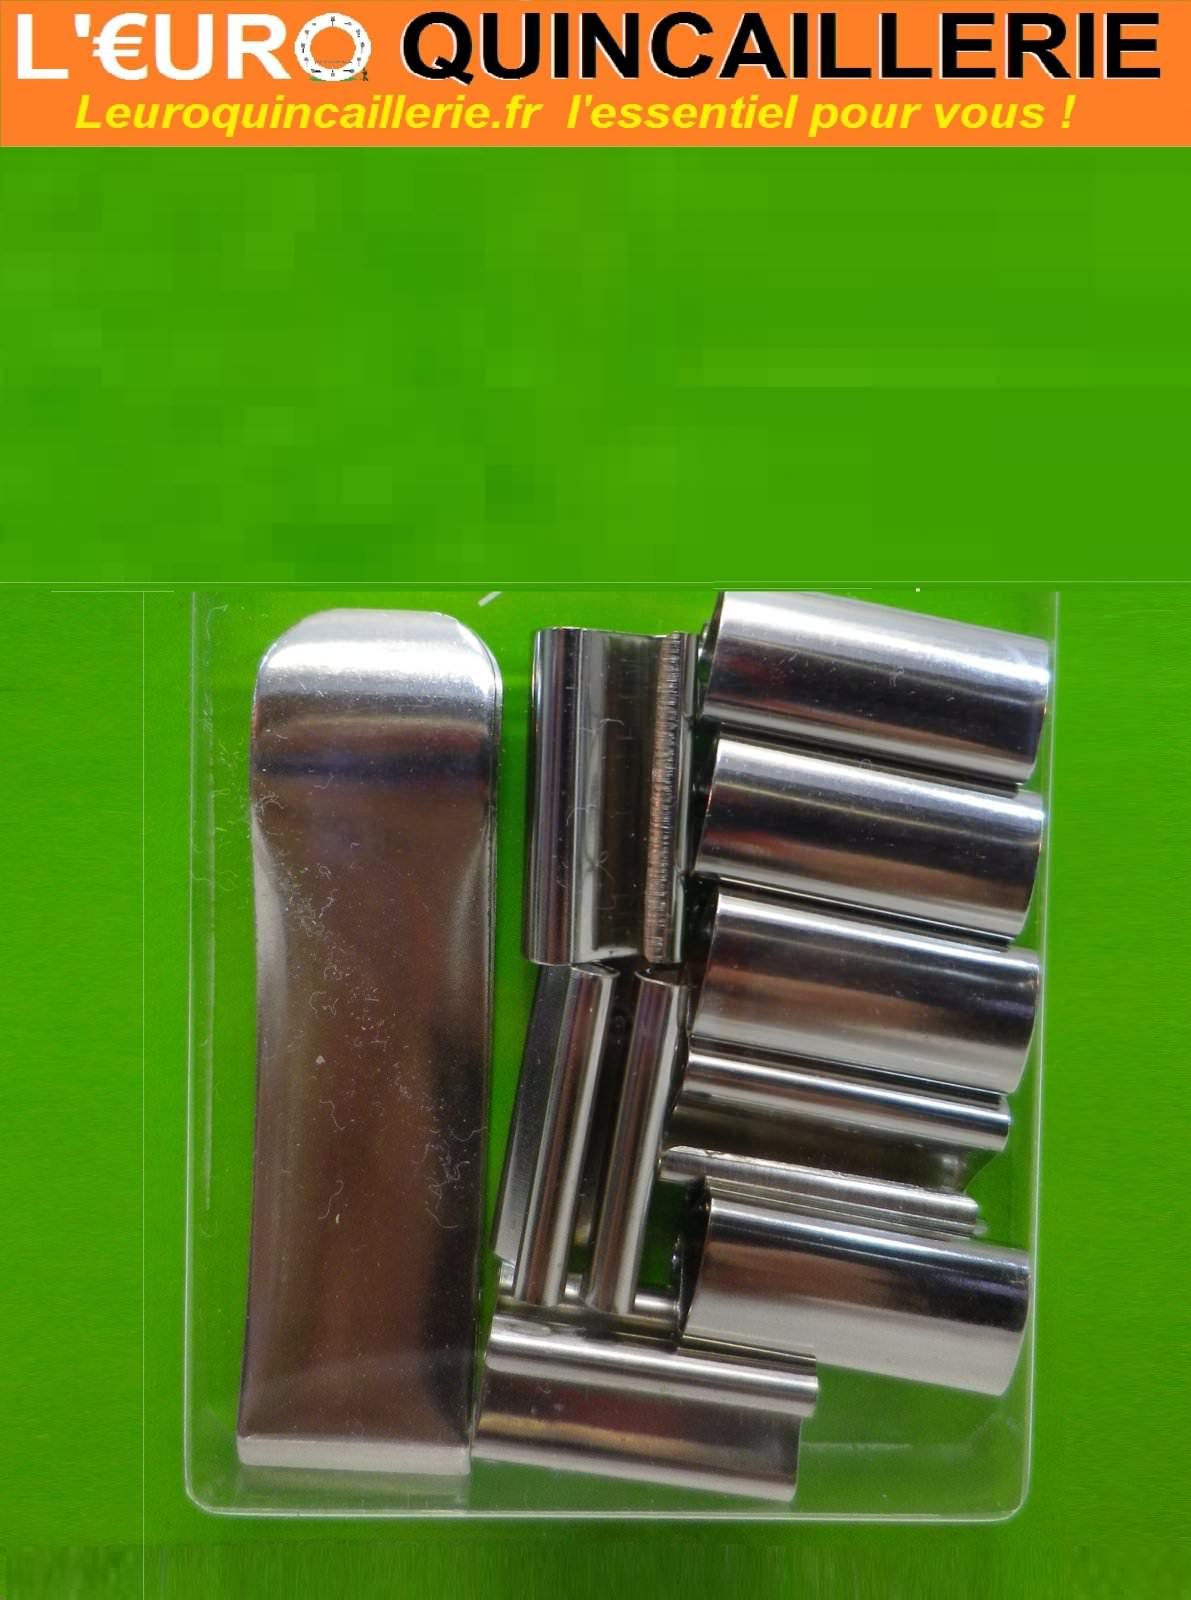 8 Pinces sous-verre 20mm